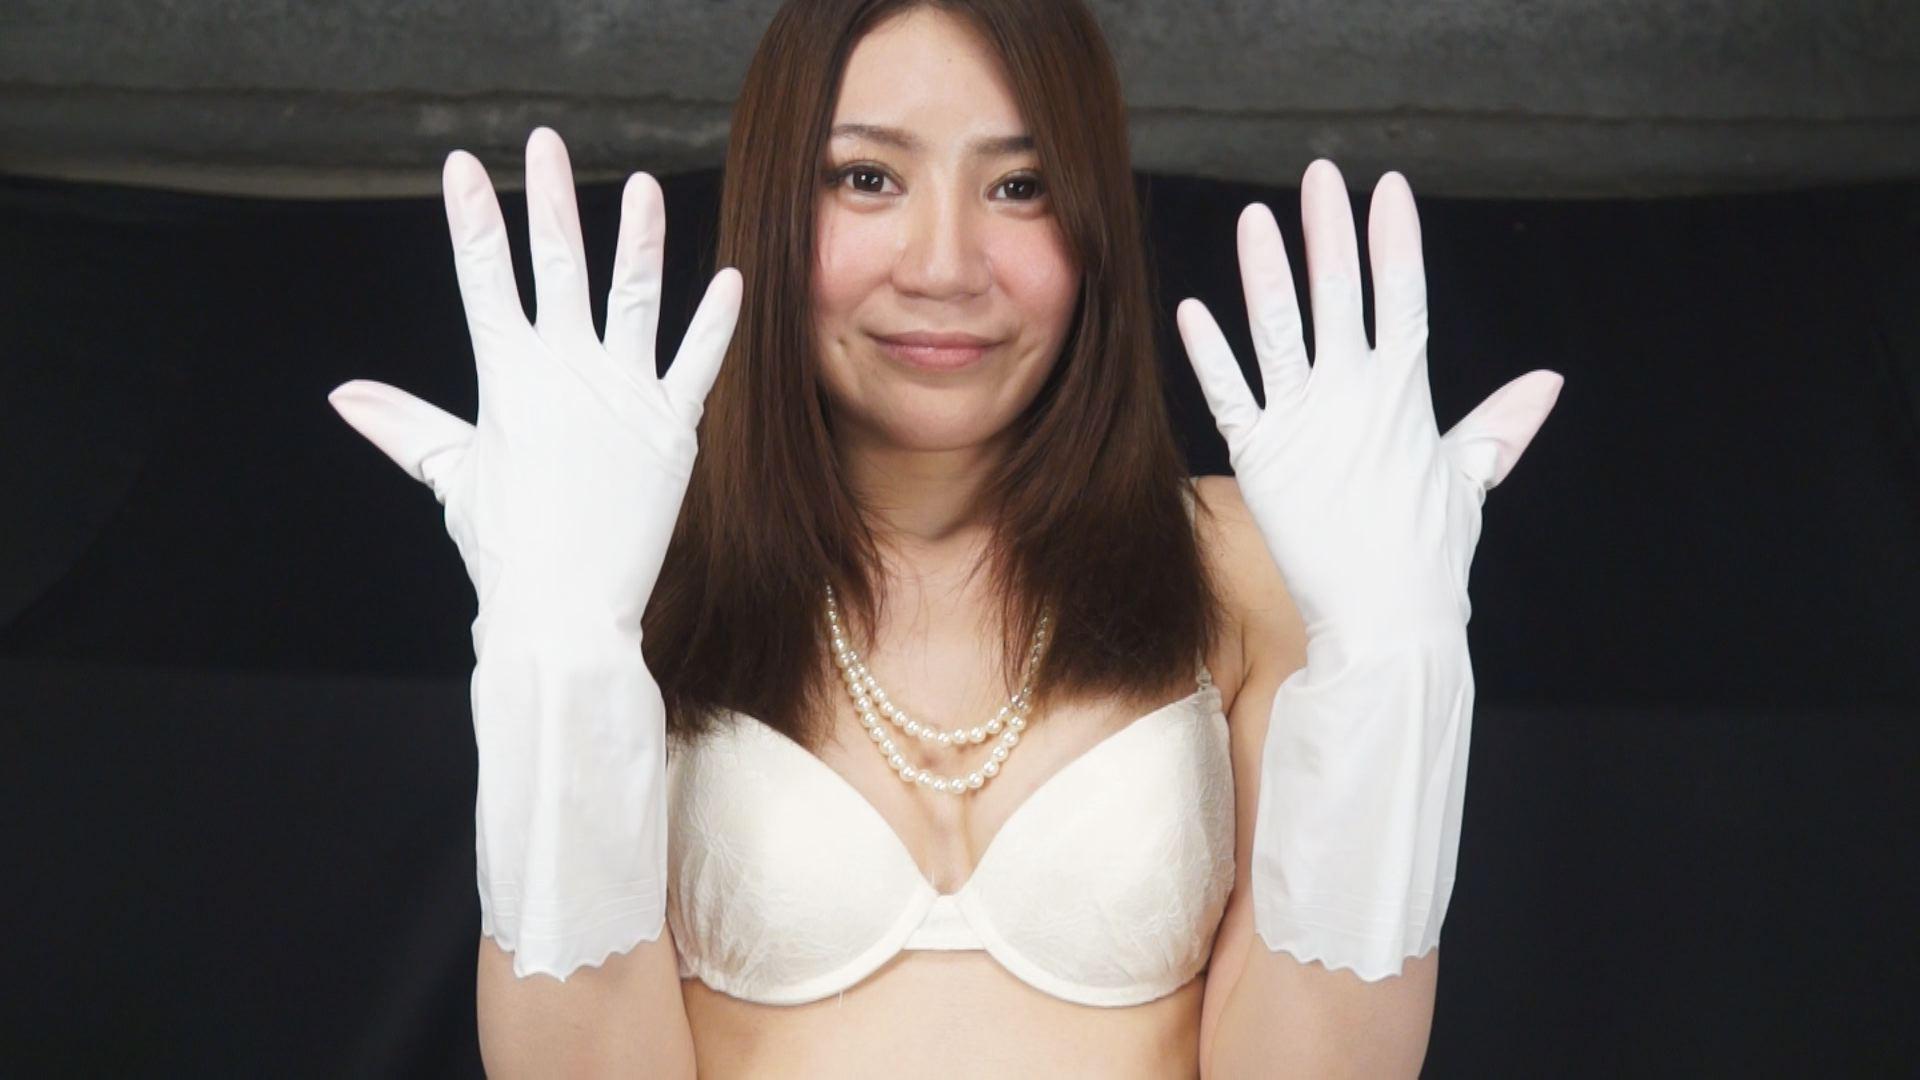 NEW ゴム手袋専科 7 サンプル画像04